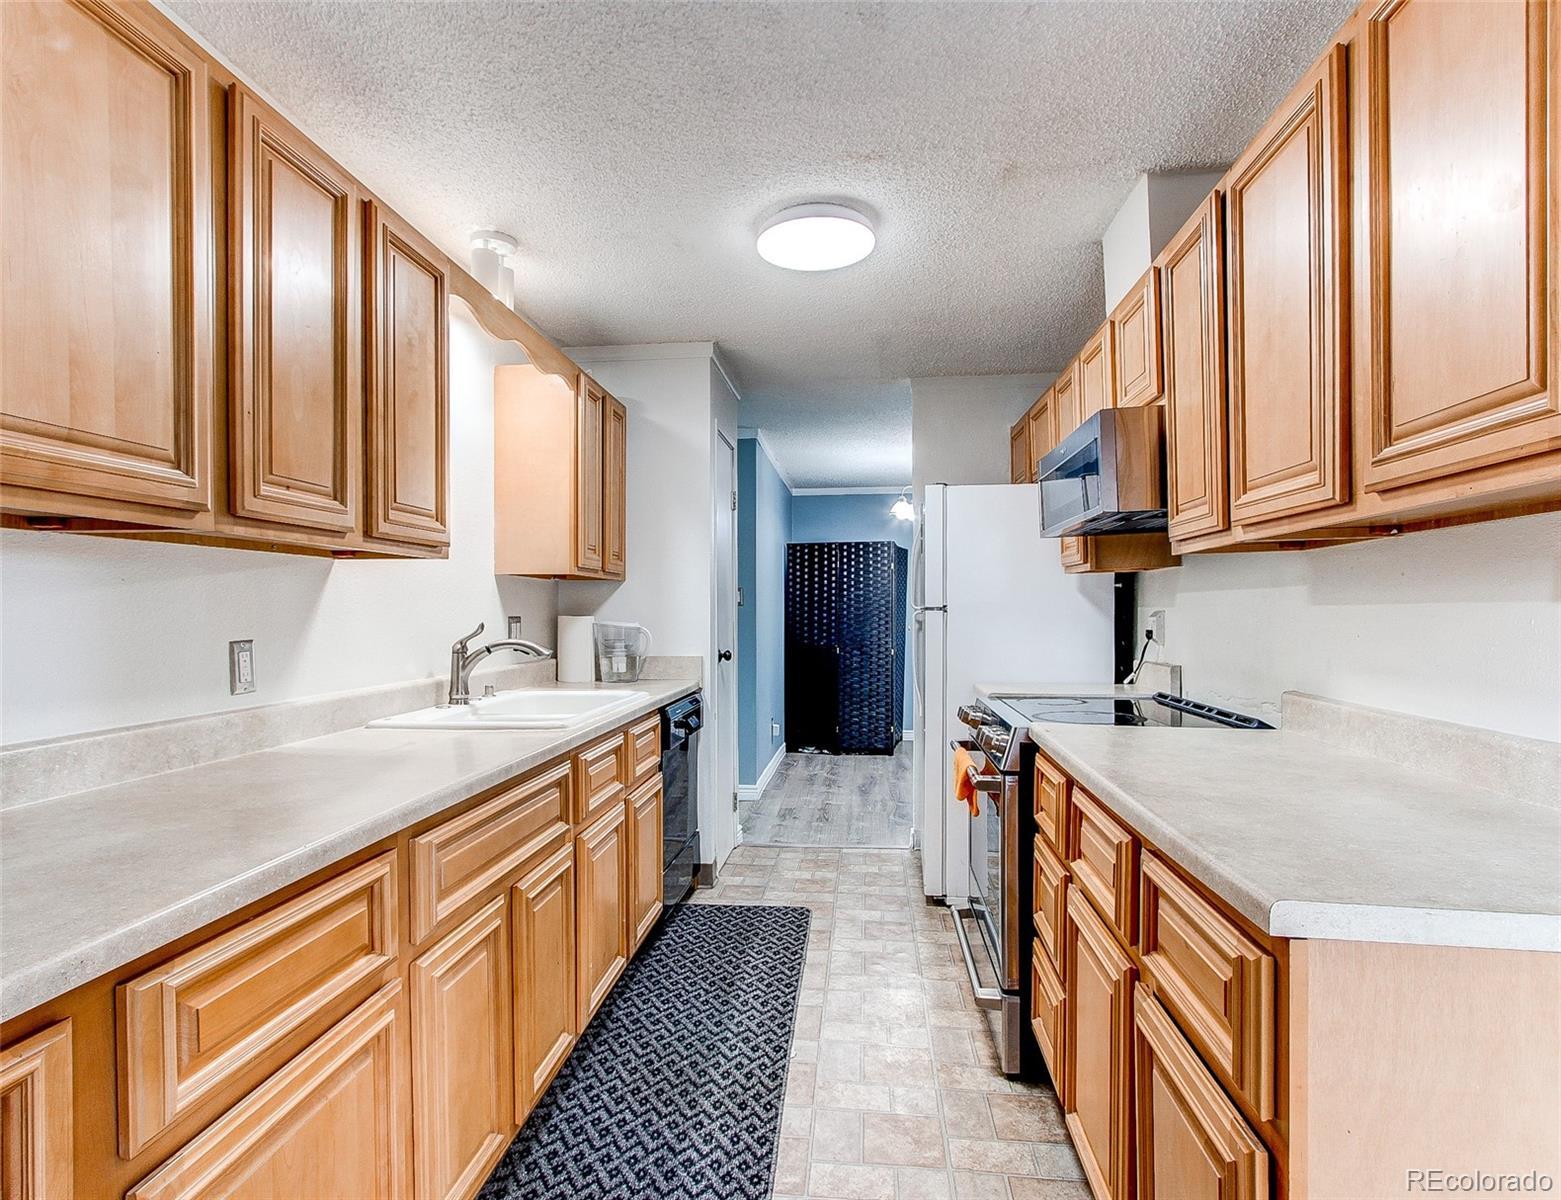 MLS# 7258092 - 6 - 2880 S Locust Street #N108, Denver, CO 80222